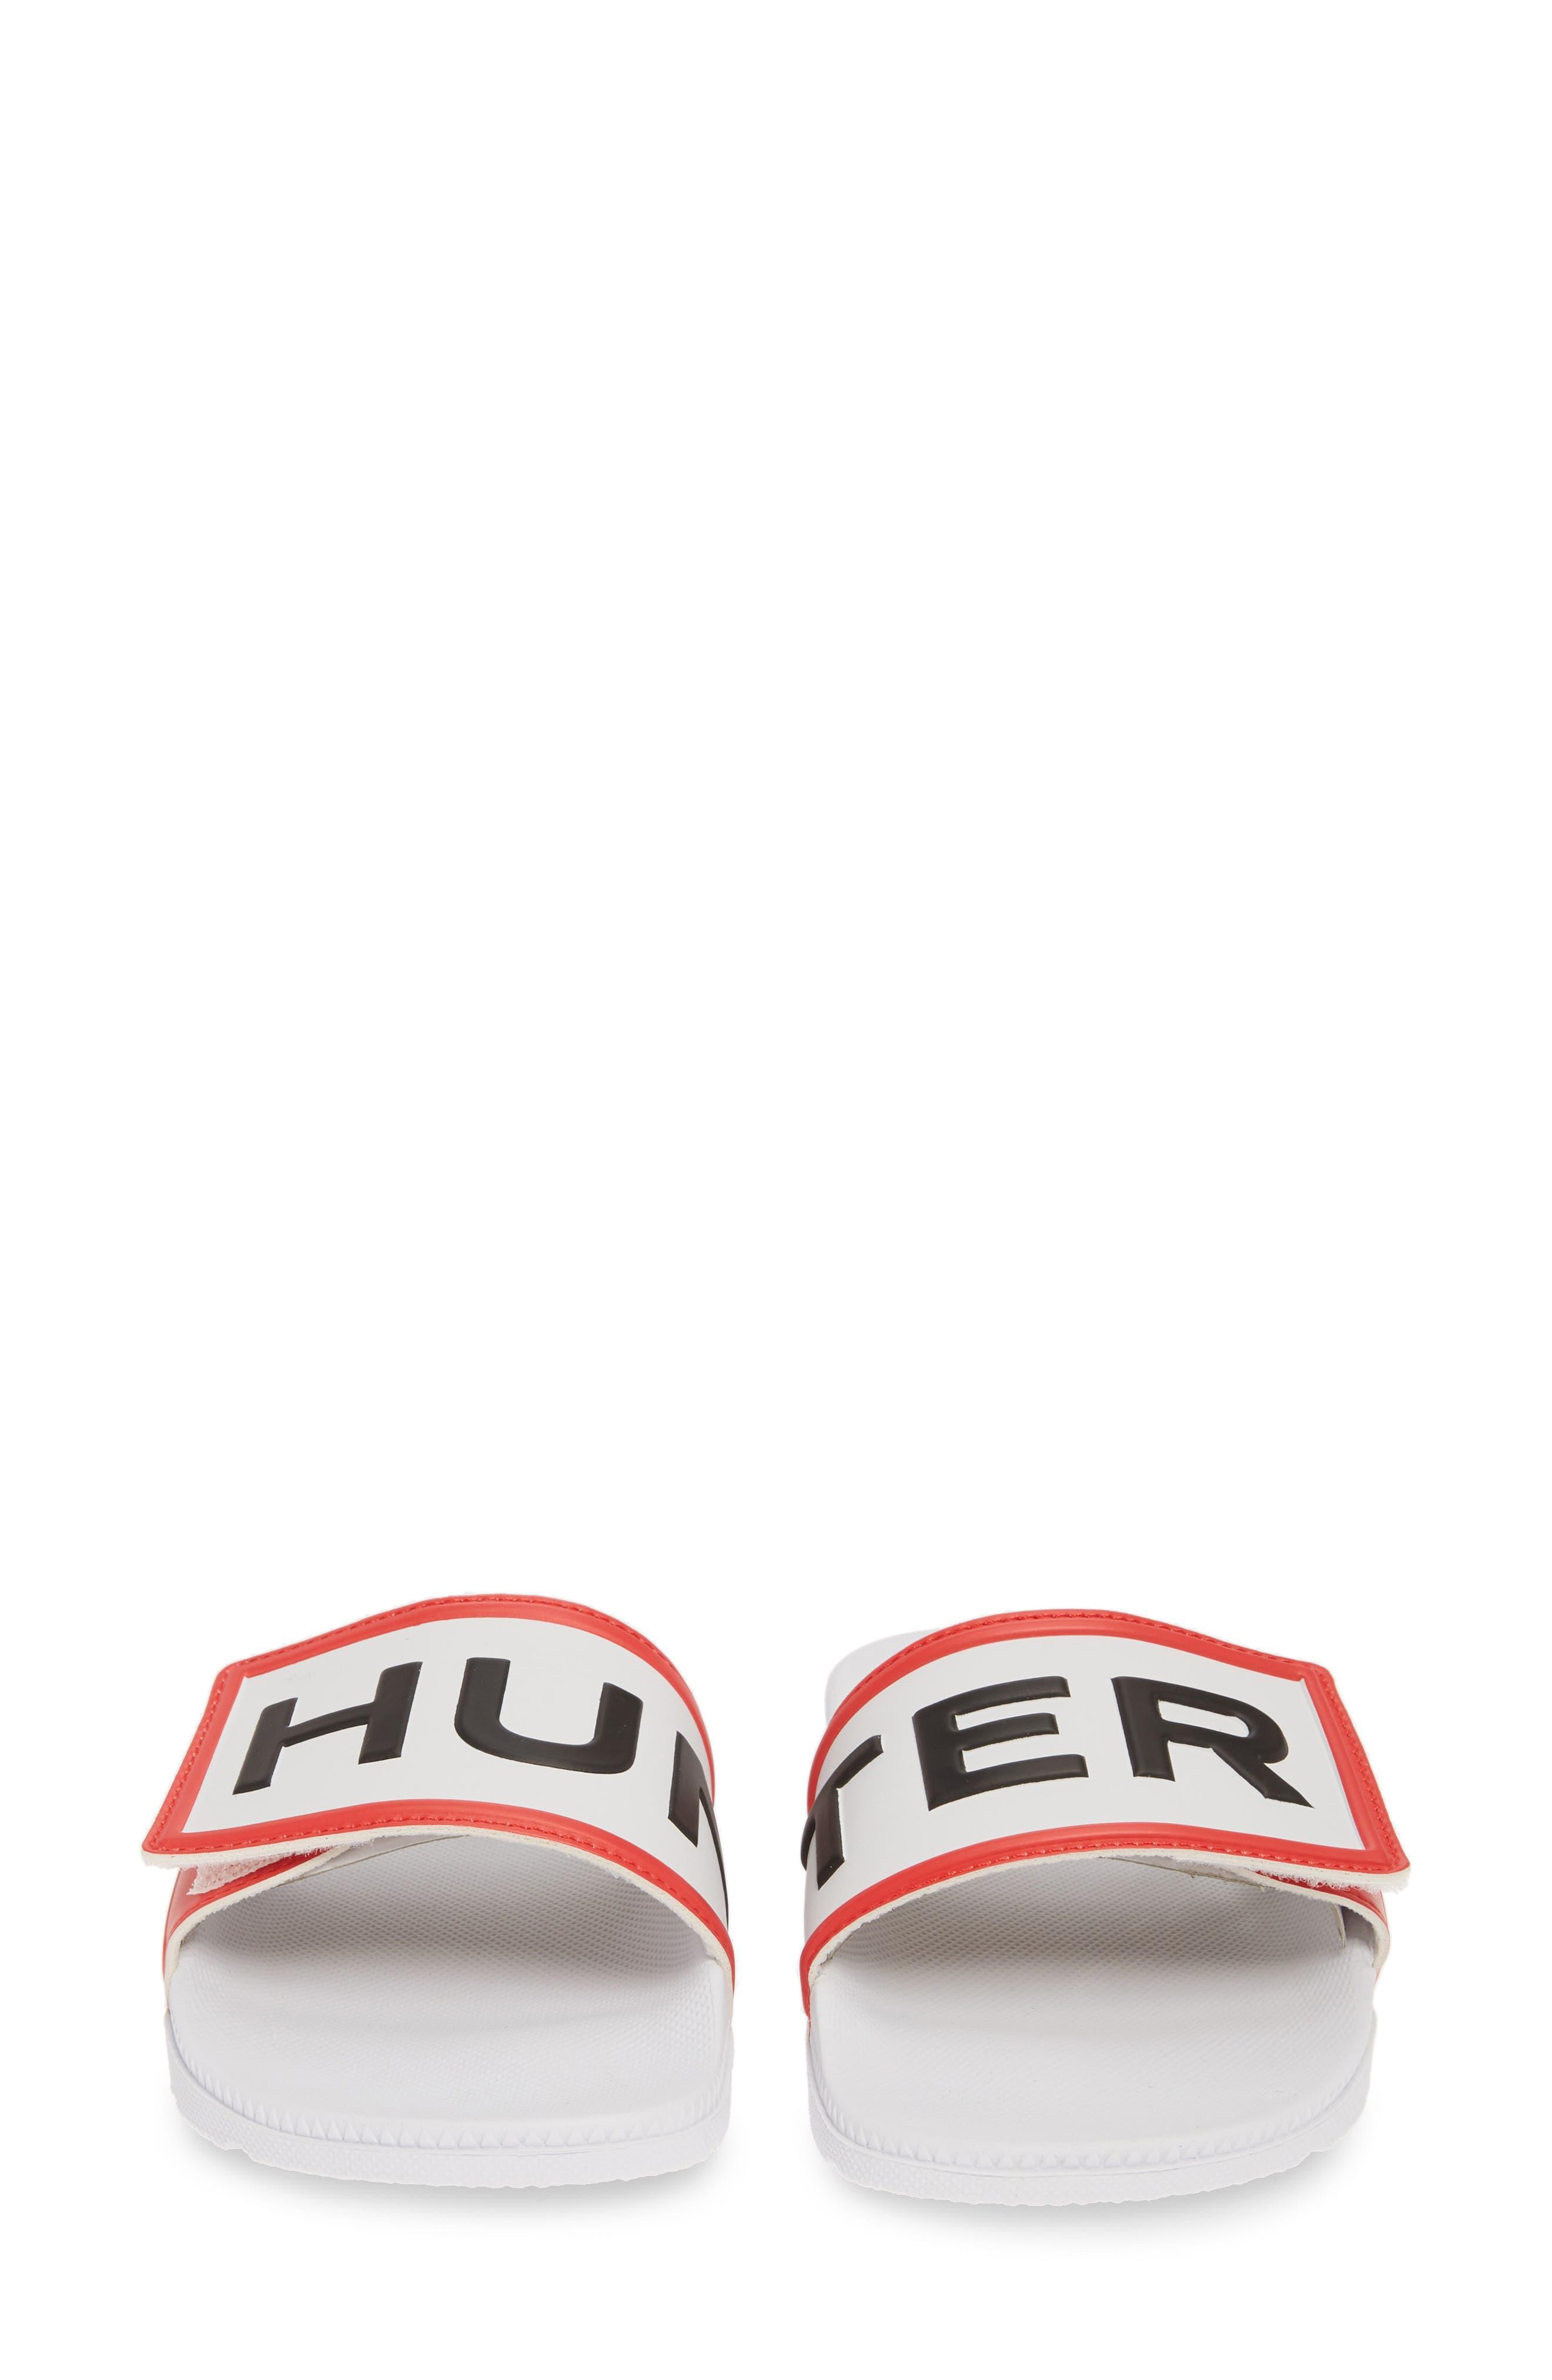 HUNTER, Original Adjustable Logo Slide Sandal, Alternate thumbnail 5, color, WHITE/ WHITE